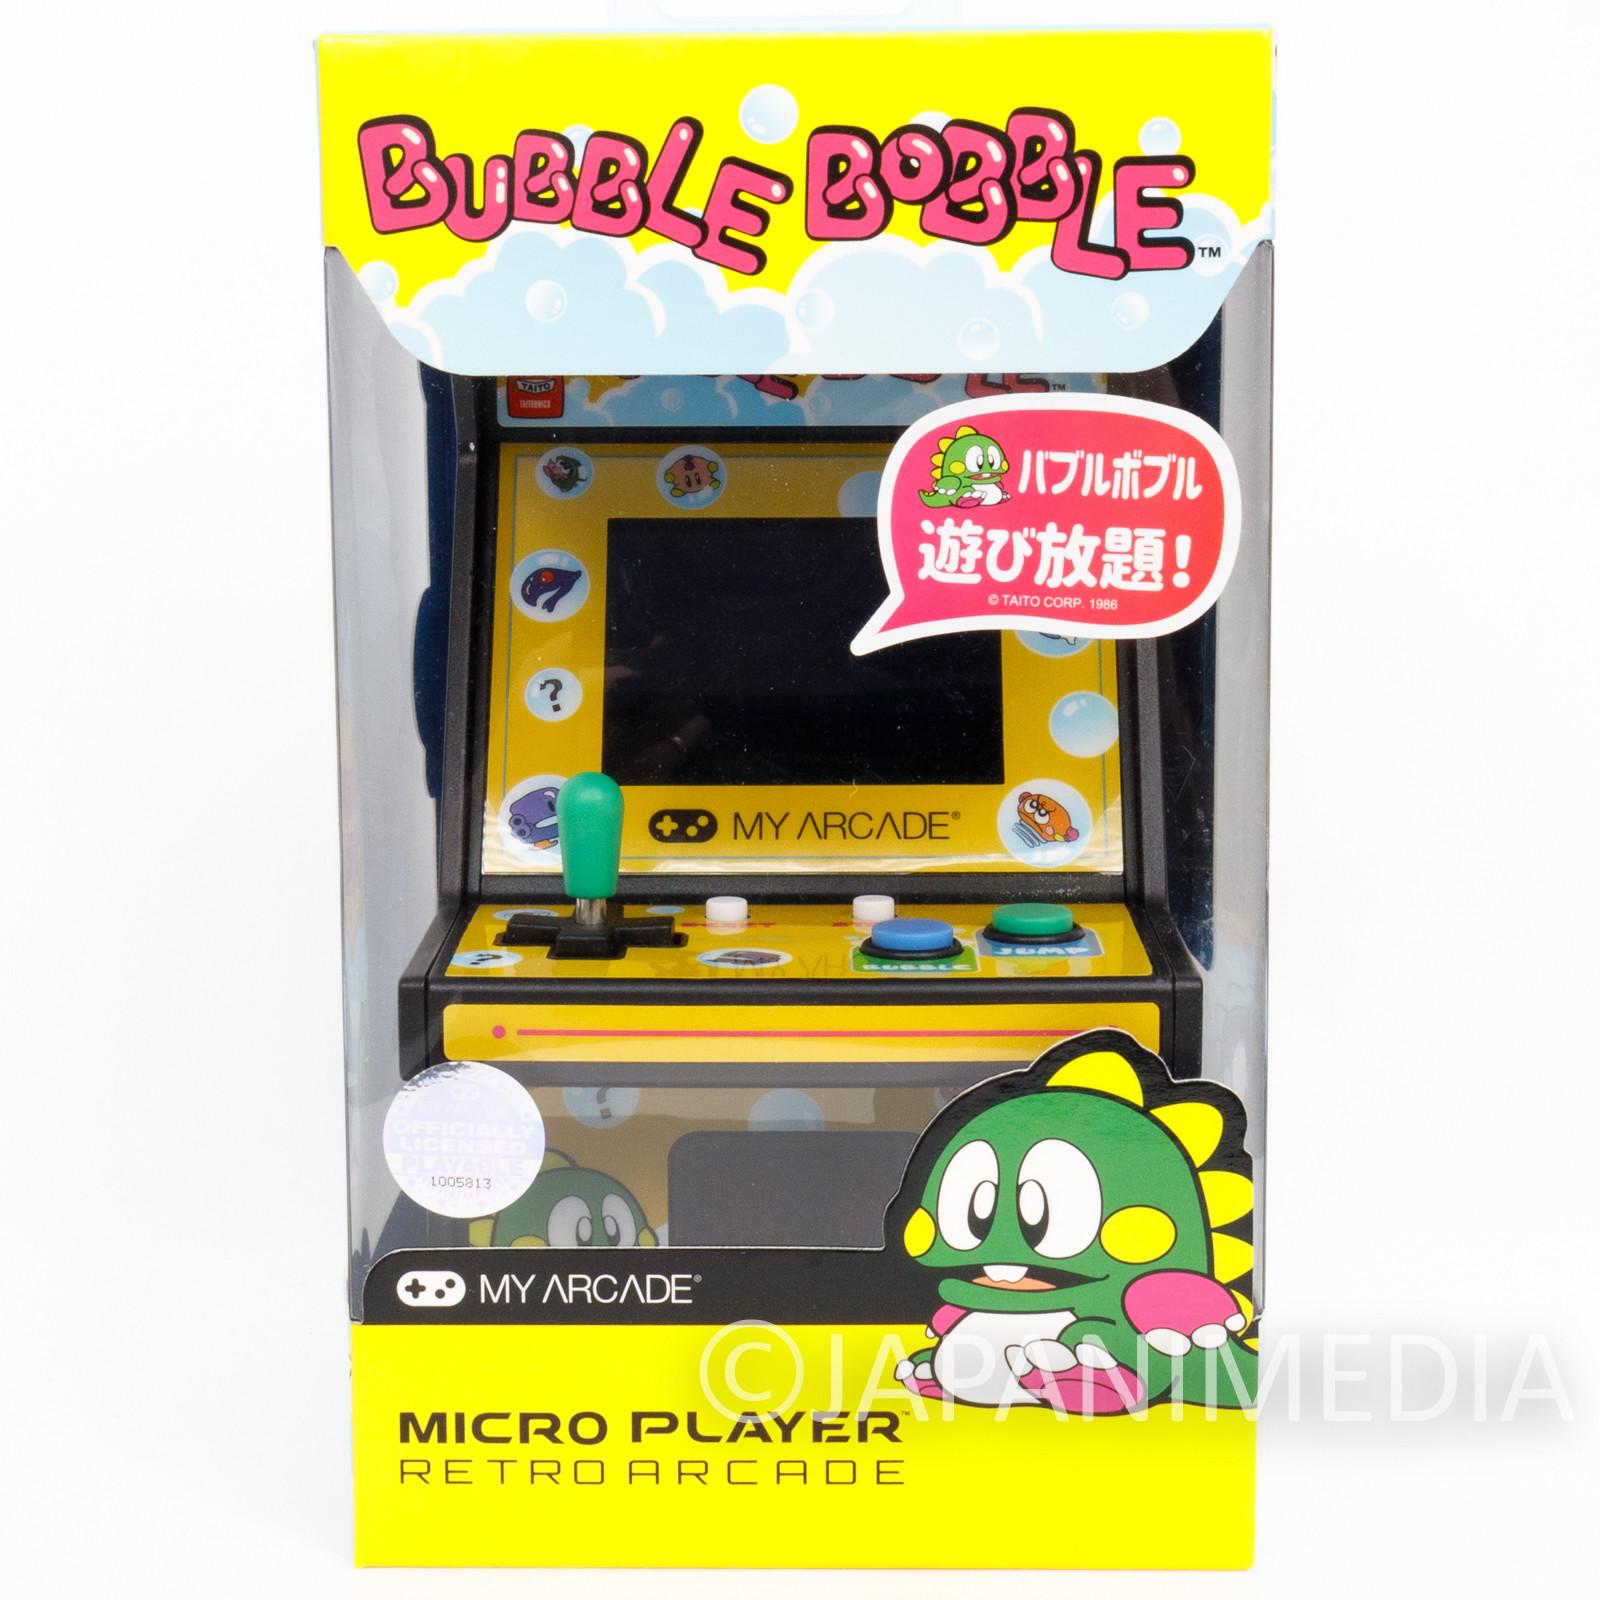 Retro Arcade BUBBLE BOBBLE Micro Player Game Machine